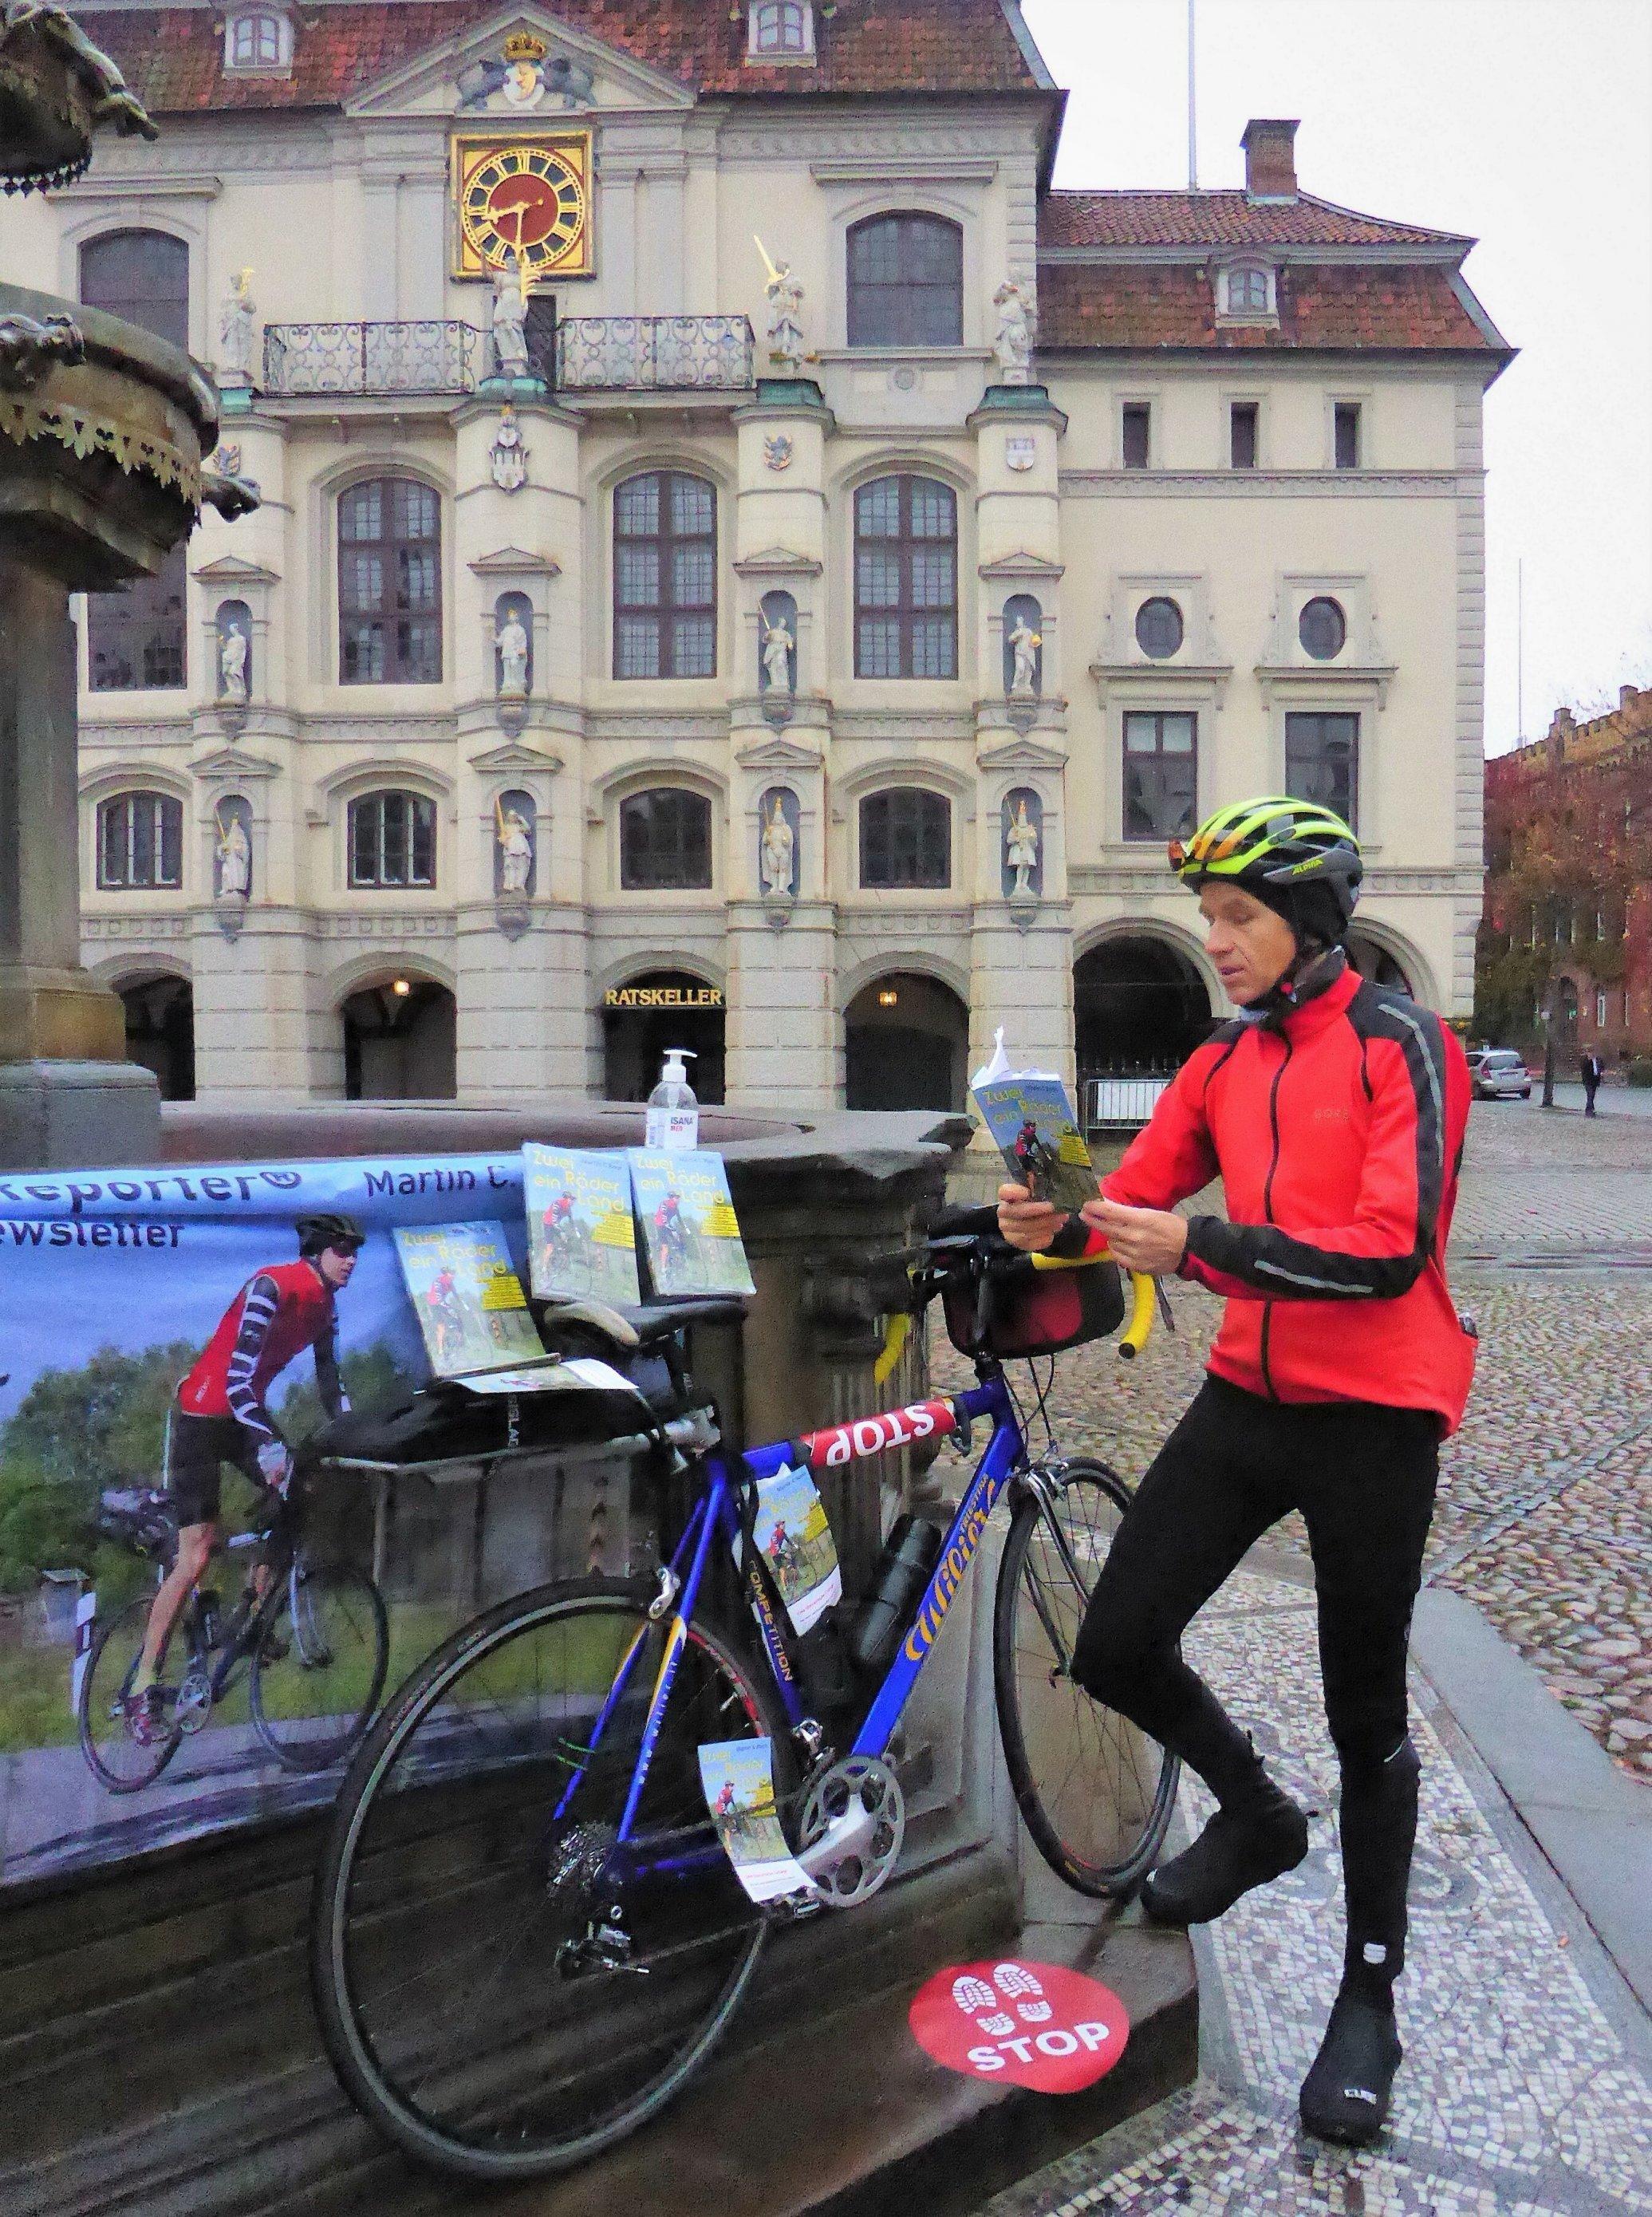 Während das Rennrad am Marktbrunnen ruht, liest der RadelndeReporter vor dem Hintergrund des Rathauses aus seinem Buch.